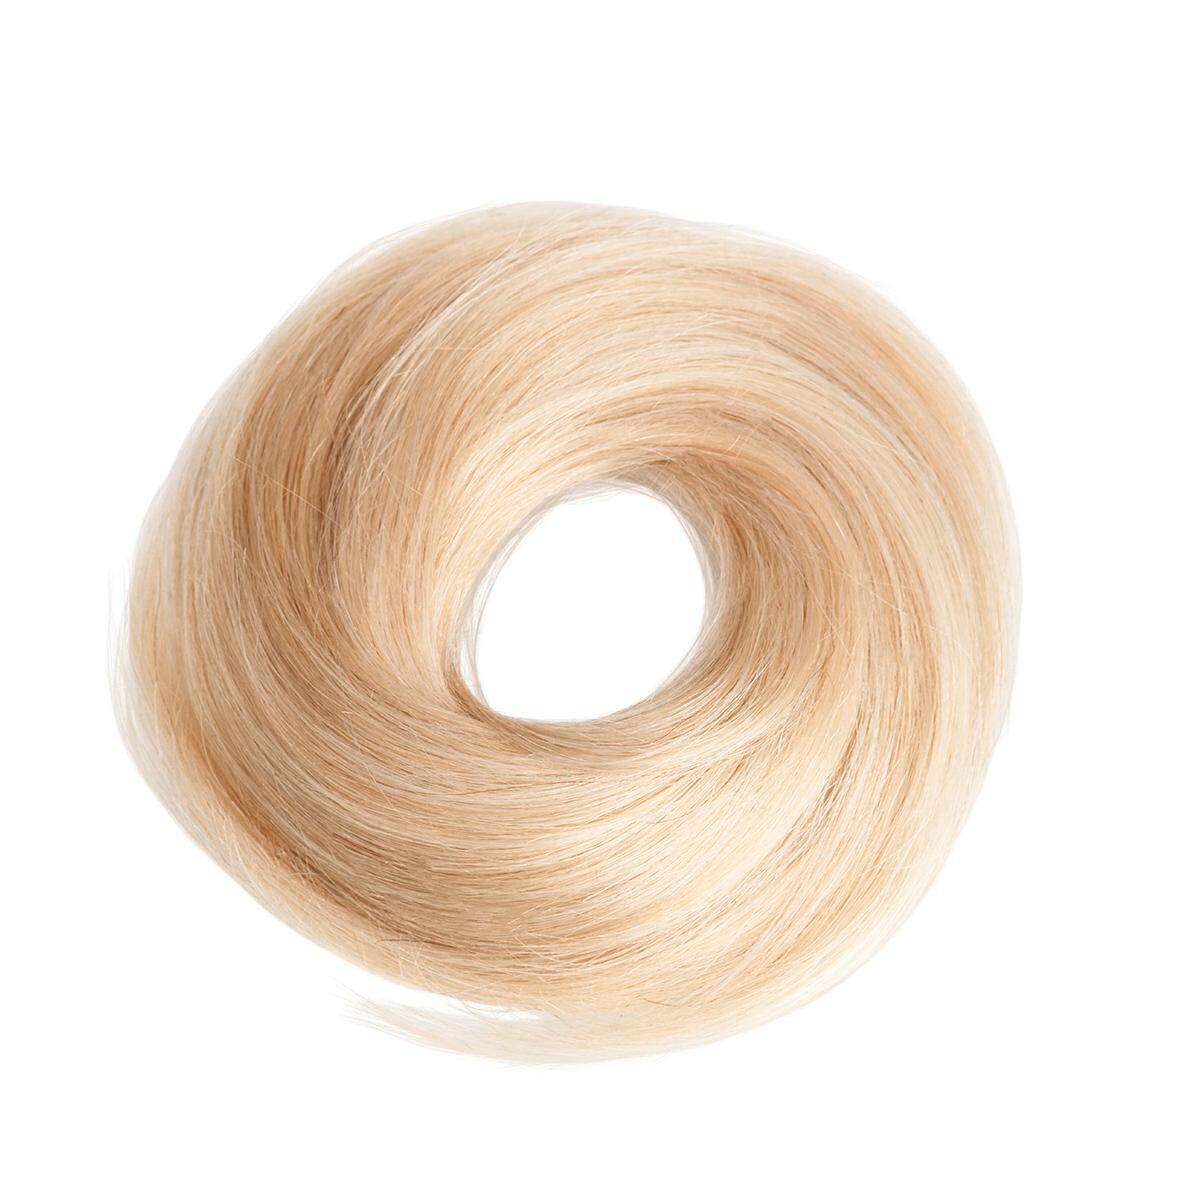 Volume Hair Scrunchie M7.5/10.8 Scandinavian Blonde 0 cm